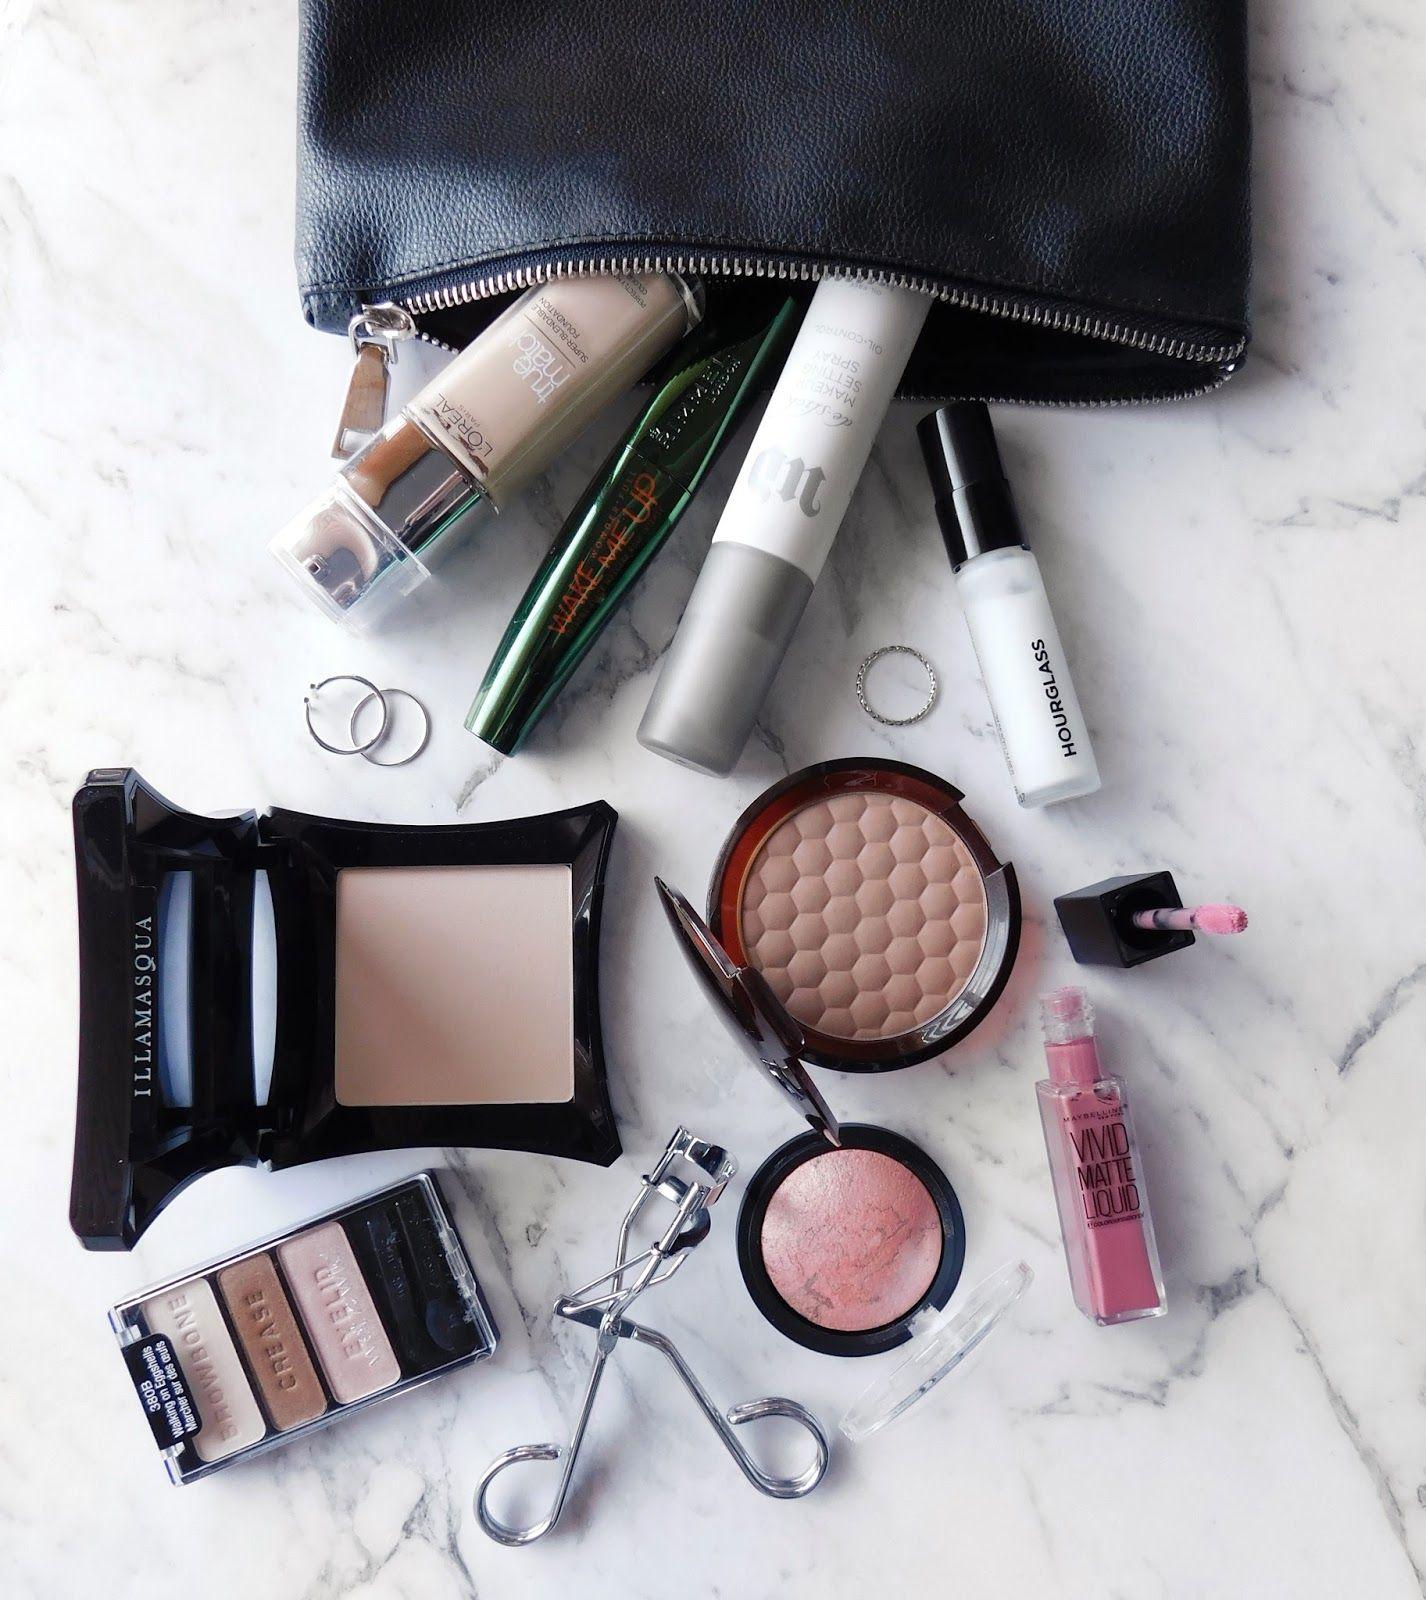 Travel Makeup Bag Essentials Makeup bag essentials